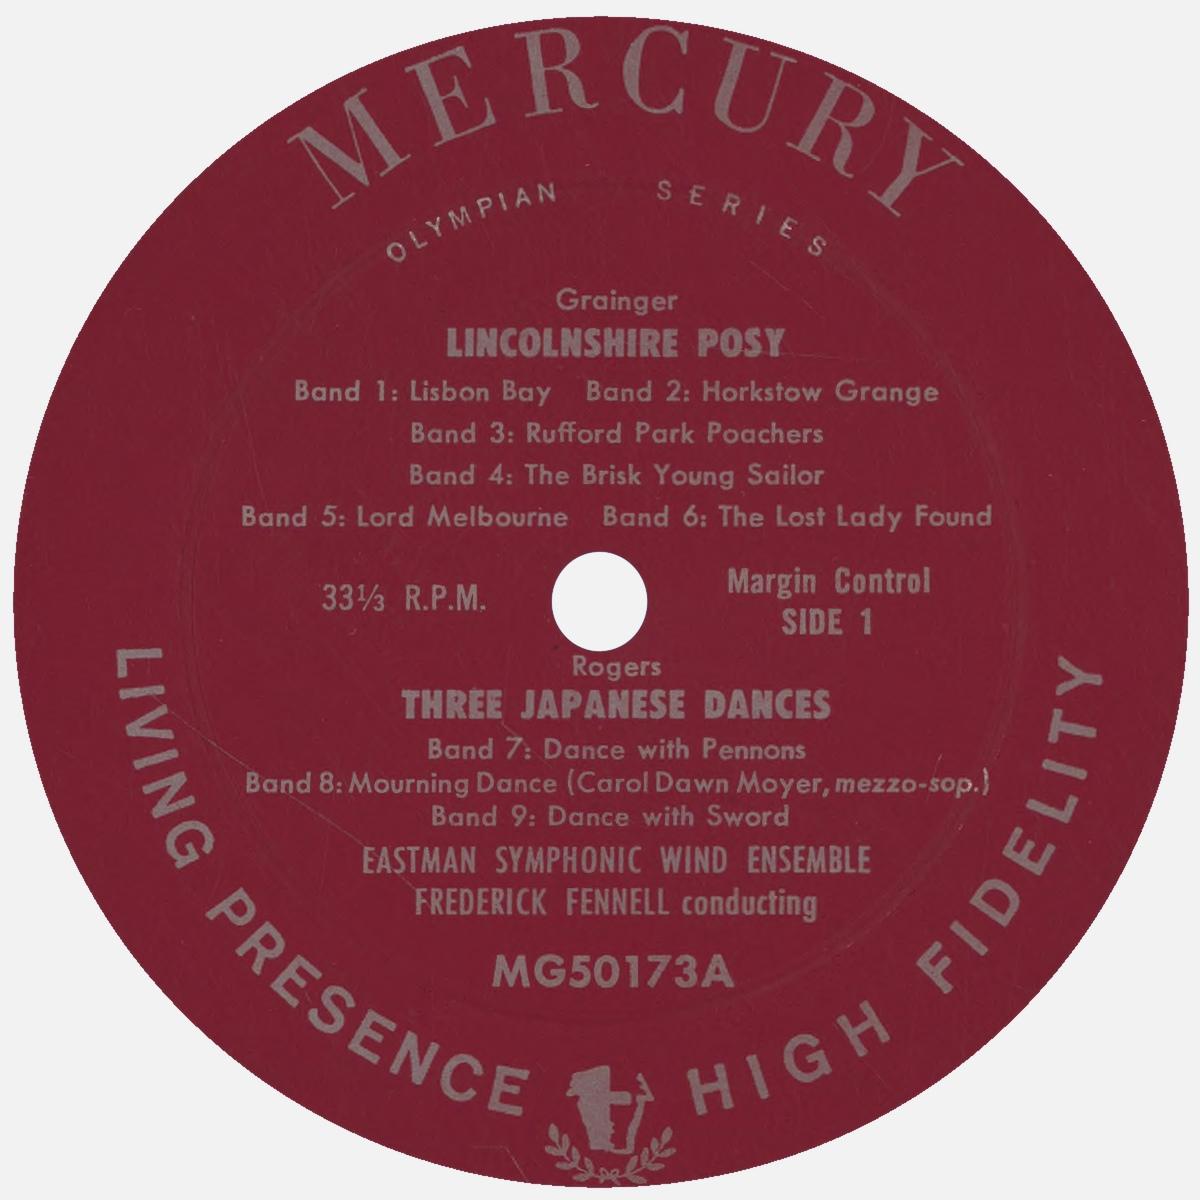 Étiquette recto du disque Mercury Living Presence MG 50173